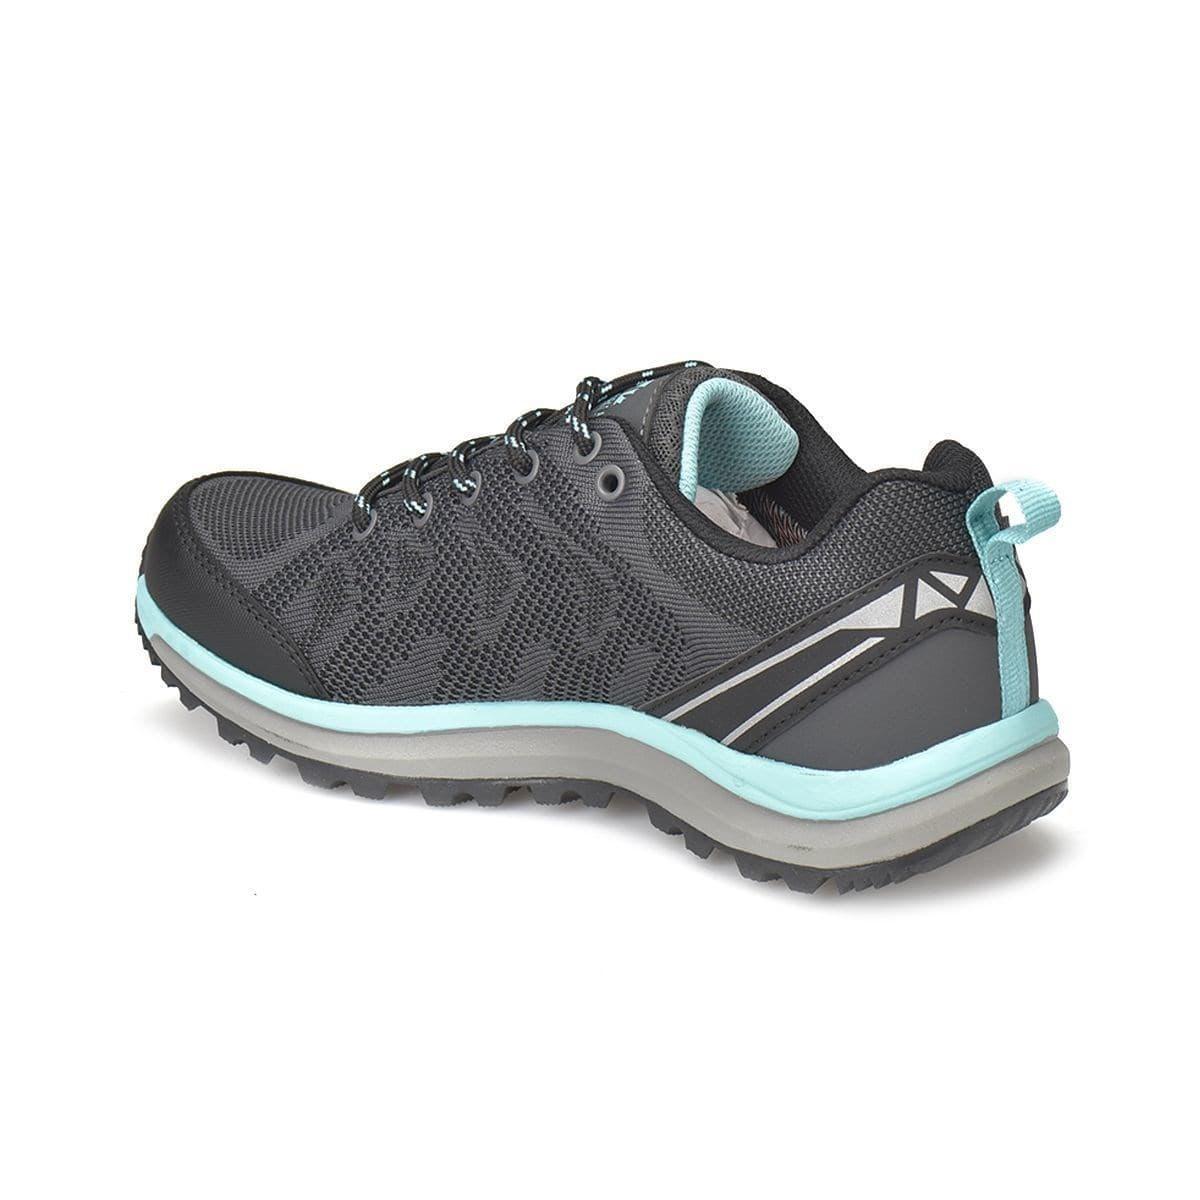 Maria Koyu Gri Kadın Outdoor Ayakkabı